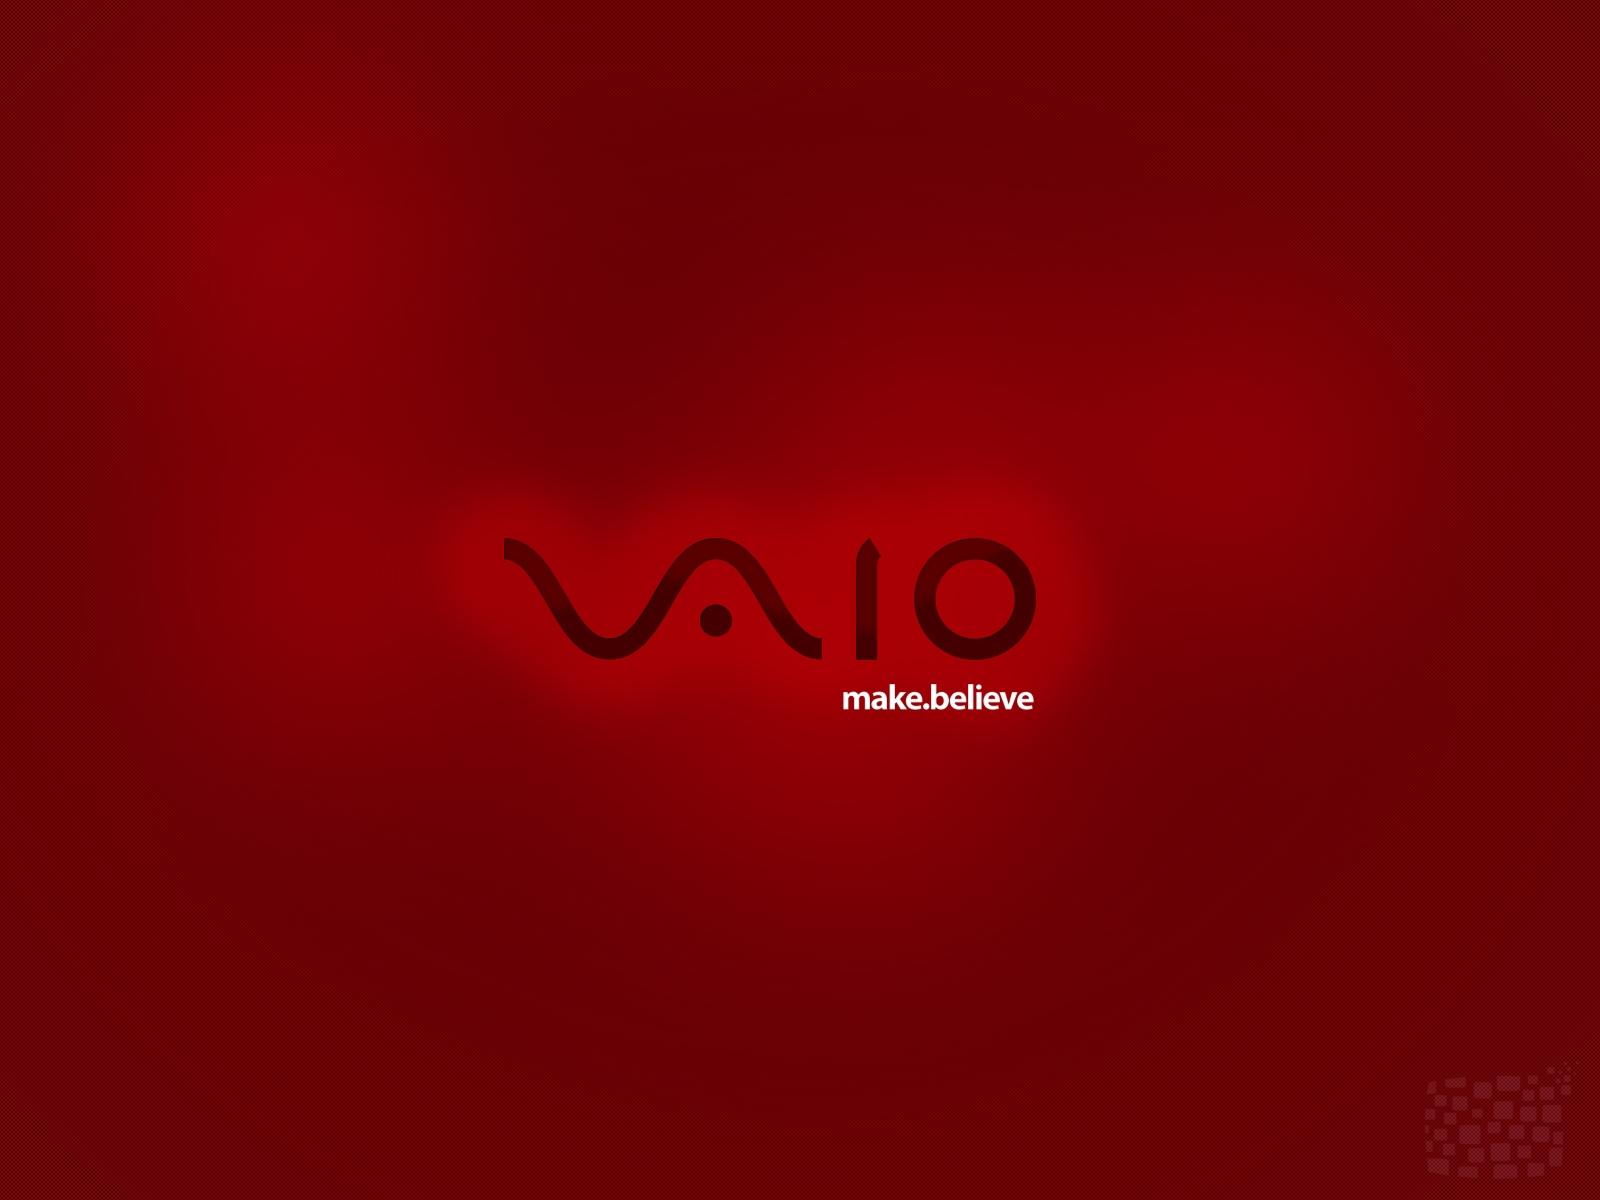 http://2.bp.blogspot.com/-CIjR9oHIsi4/Te0dE4qj7WI/AAAAAAAADhQ/Ie4JSmb1bB4/s1600/Red-Sony-Vaio-wallpaper.jpg